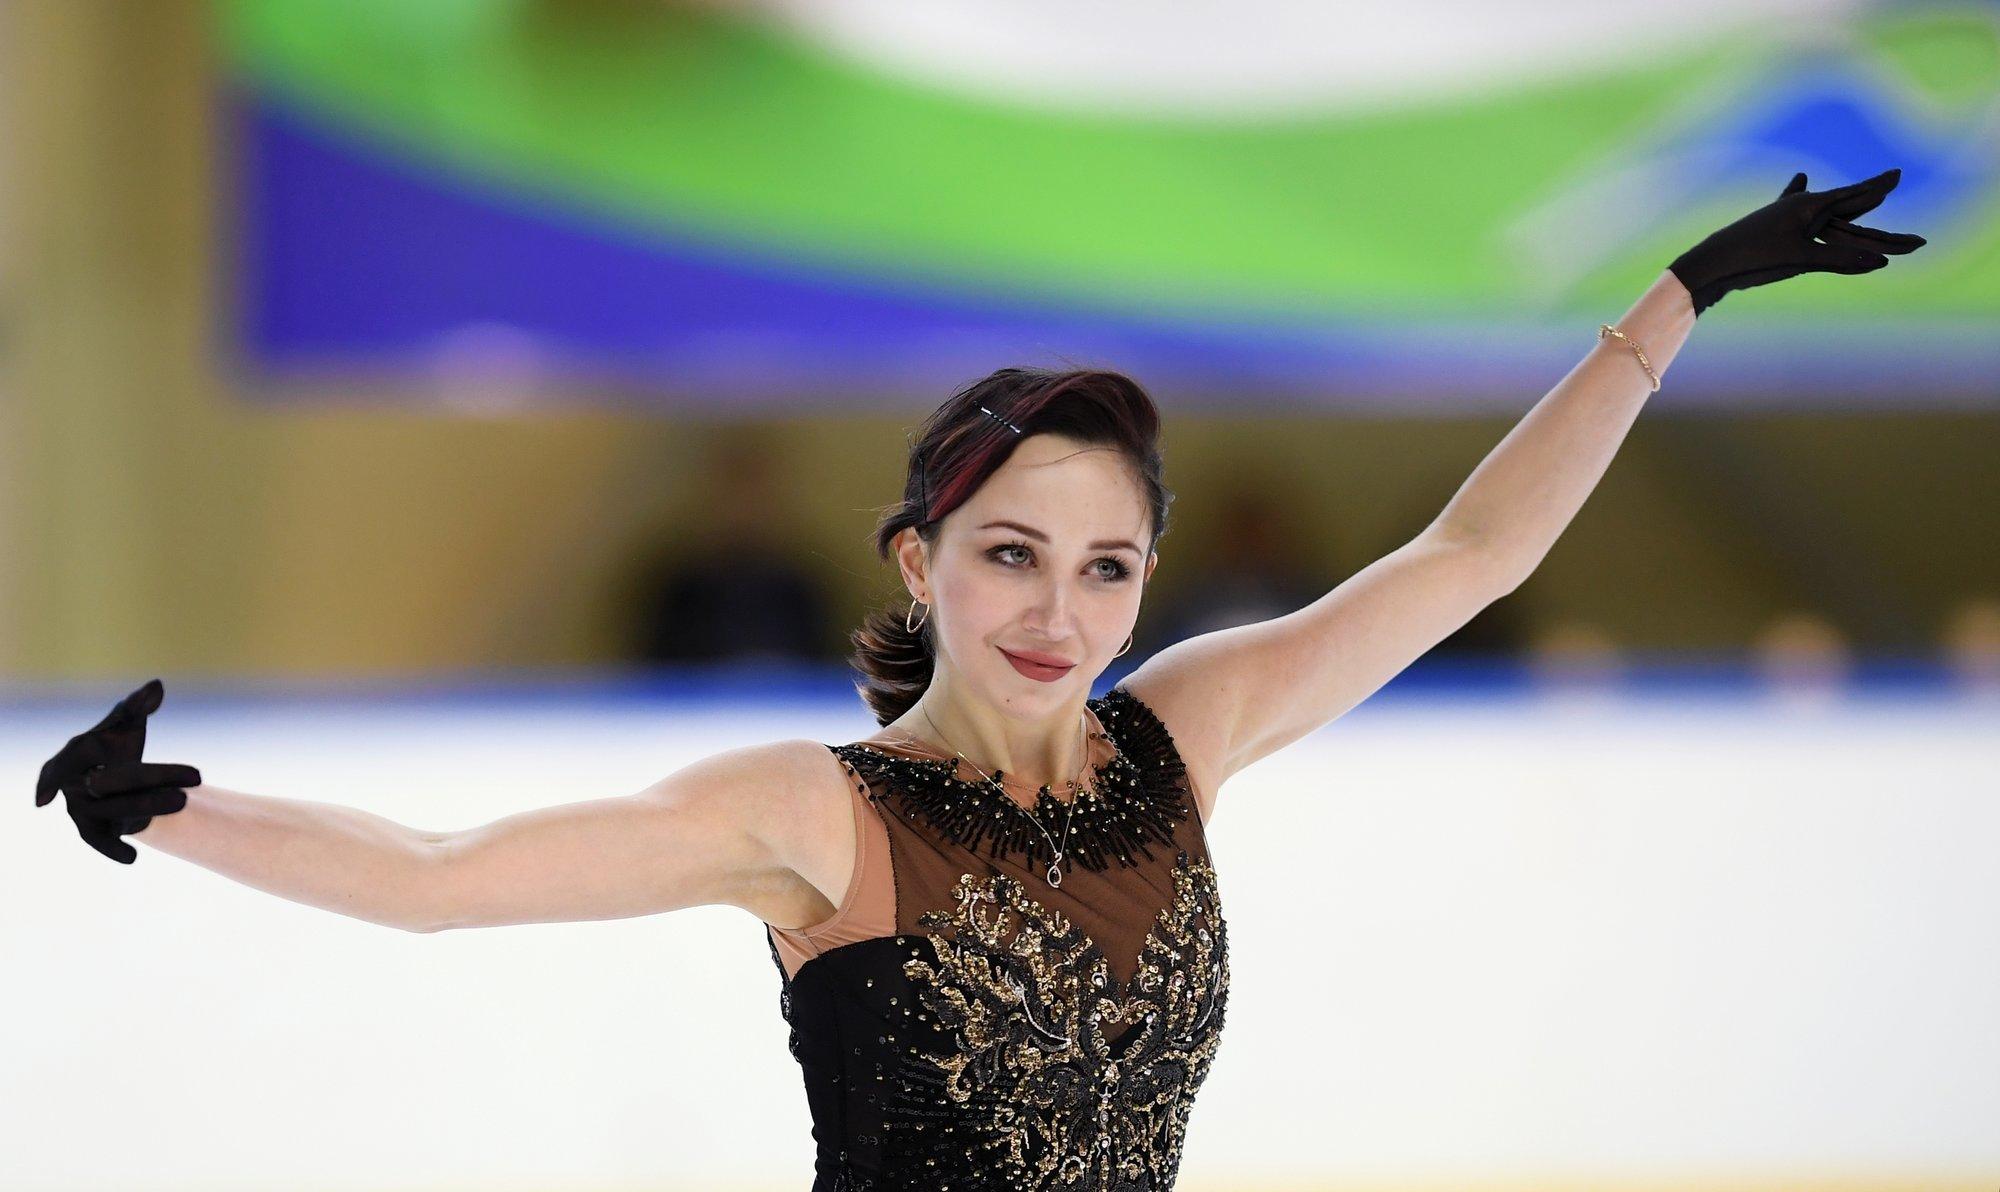 Туктамышева поделилась ожиданиями от поездки на чемпионат мира в Стокгольме